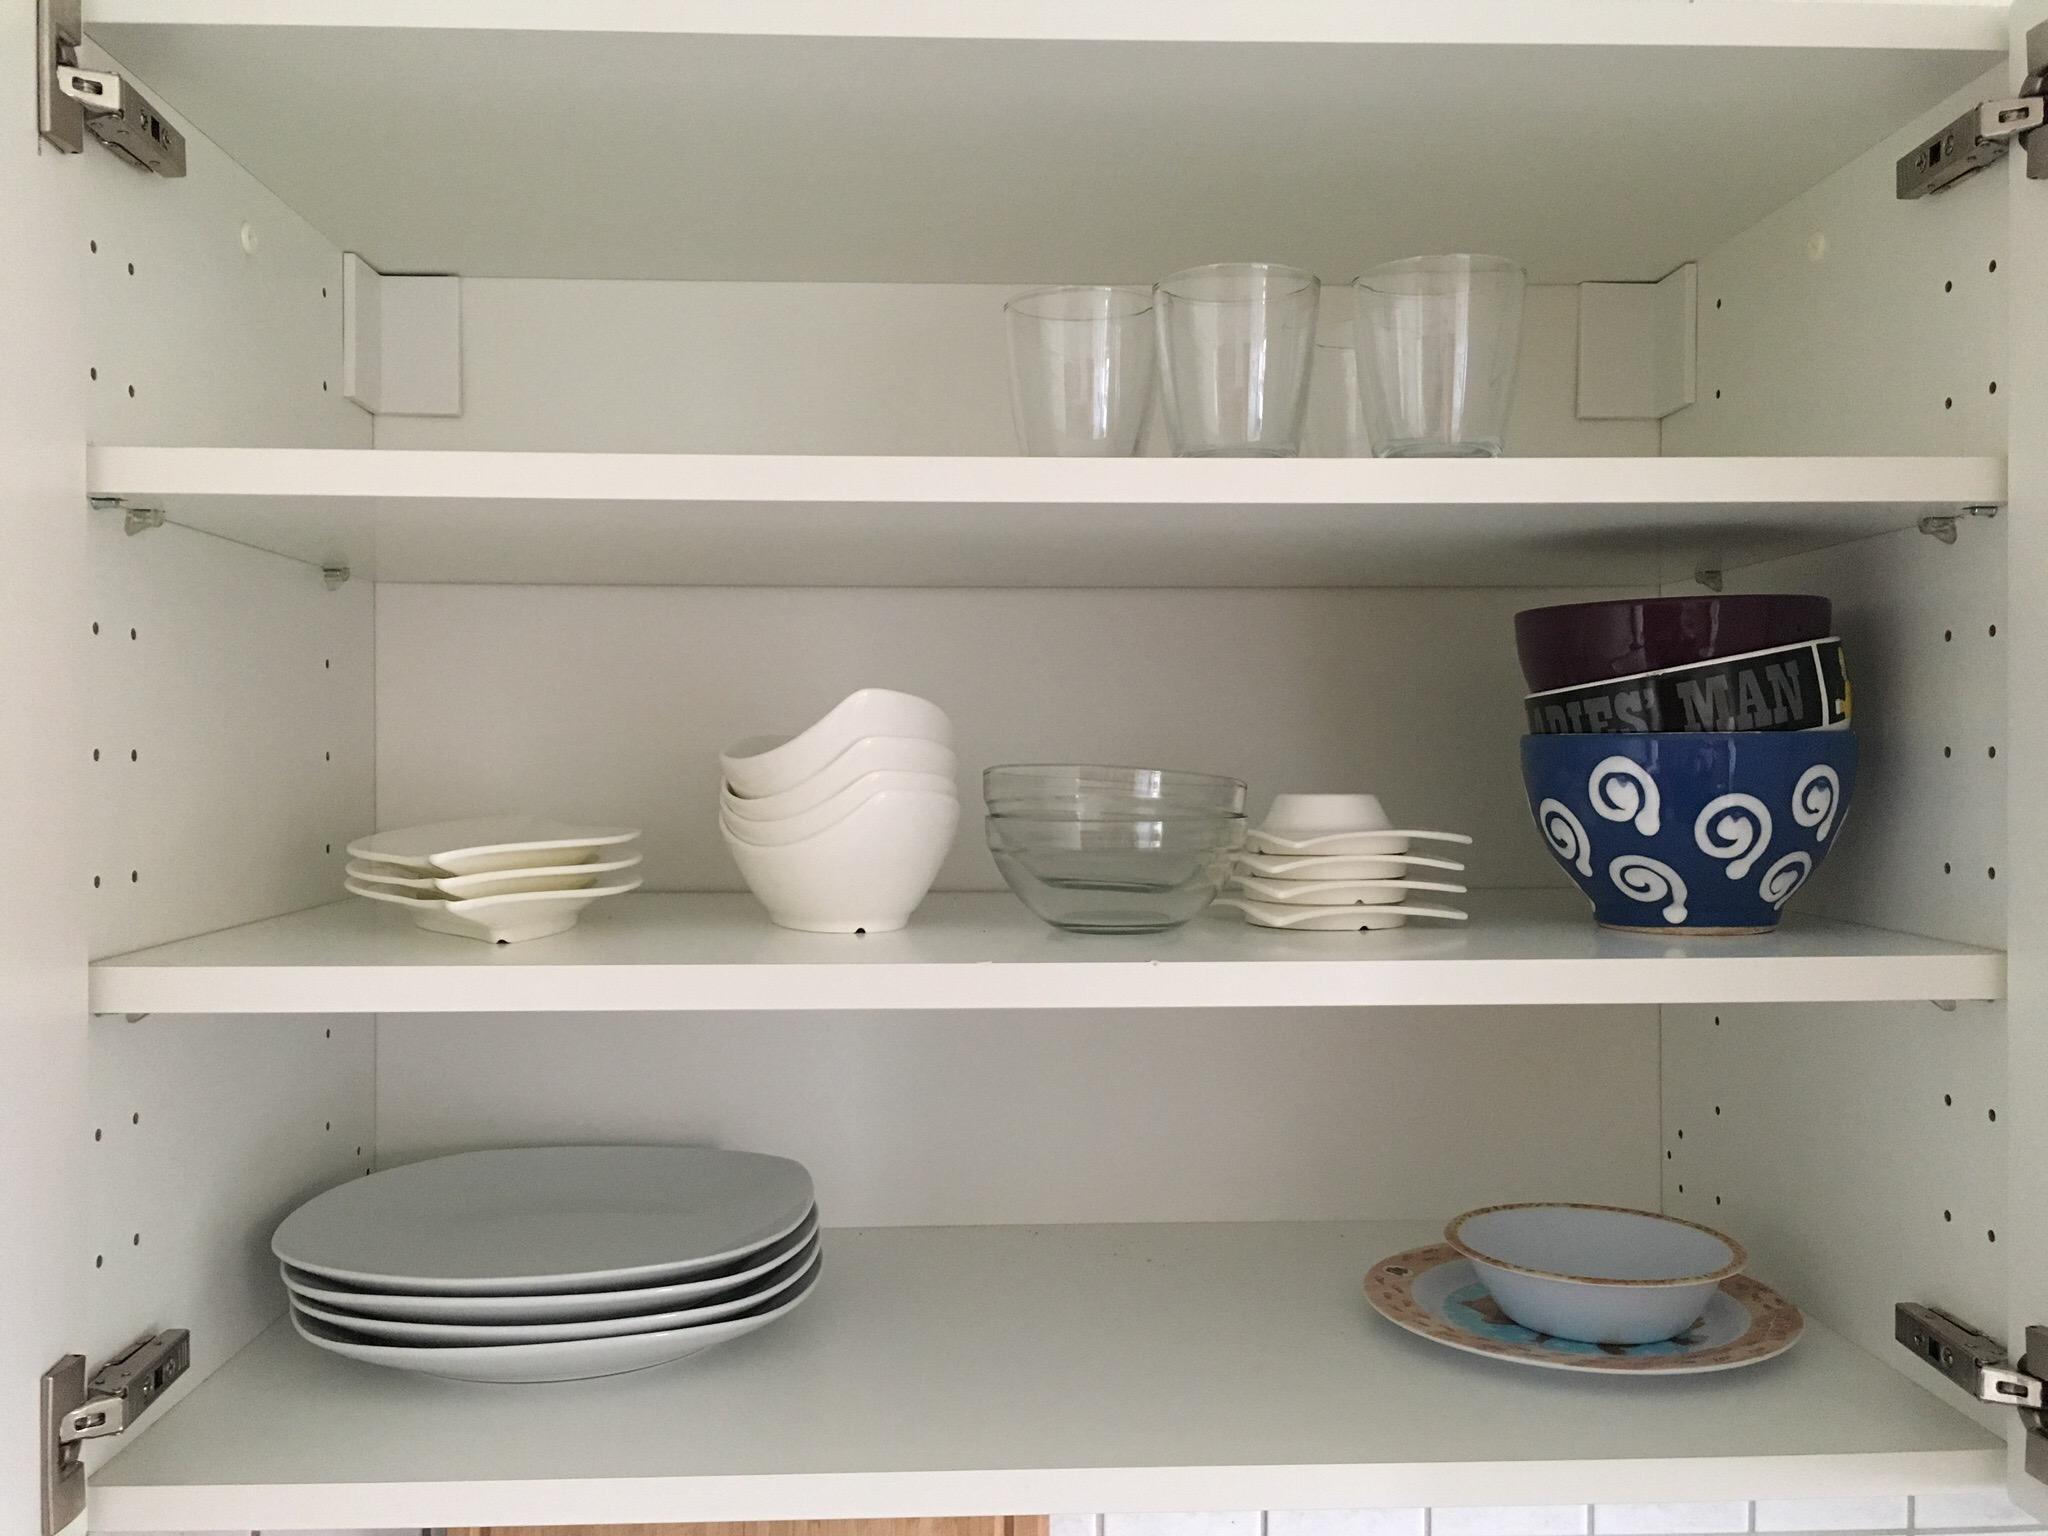 Kuchenschranke Organisieren Geschirr Die Hausmutter